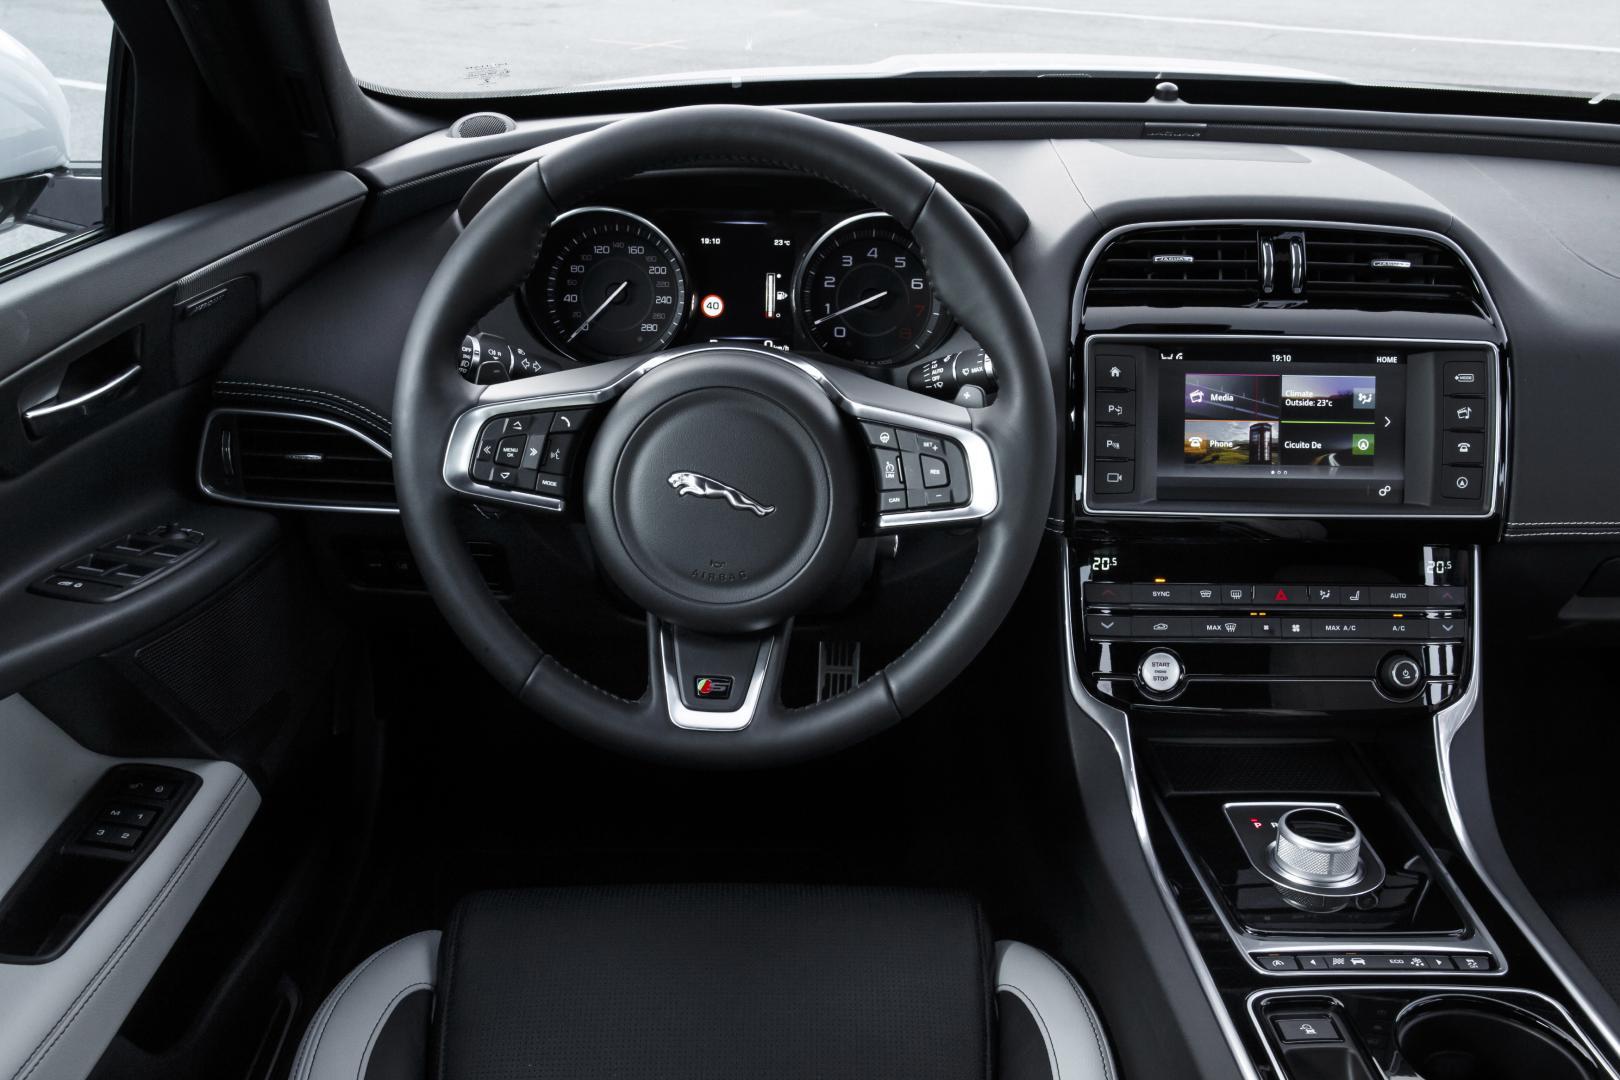 Jaguar XE S 3.0 V6 interieur (2015)